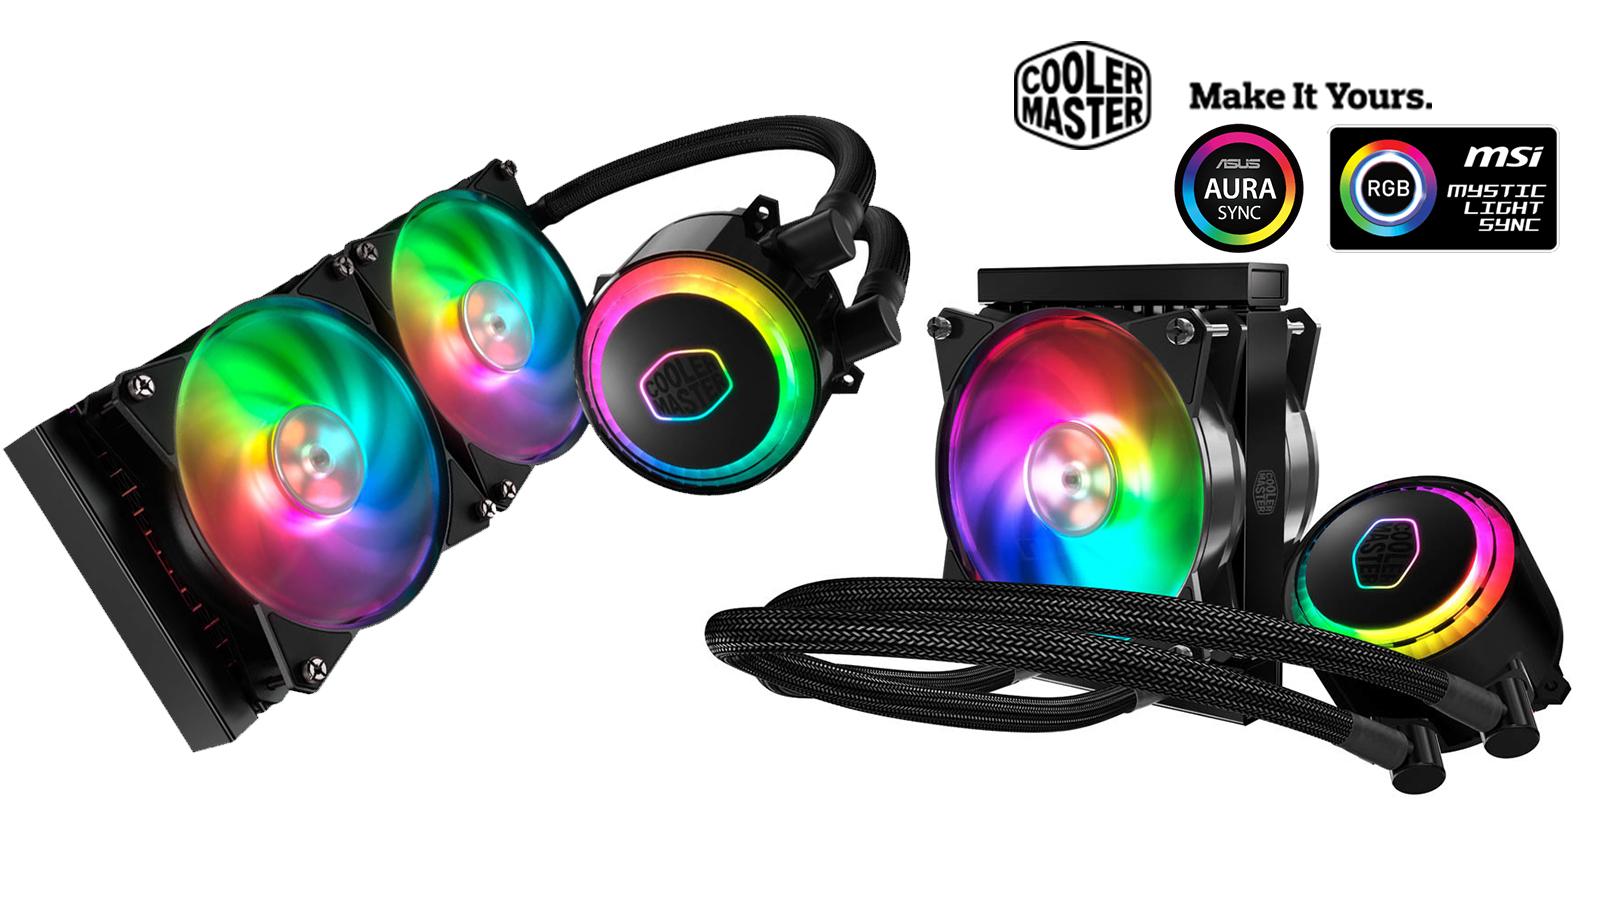 Cooler Master RGB